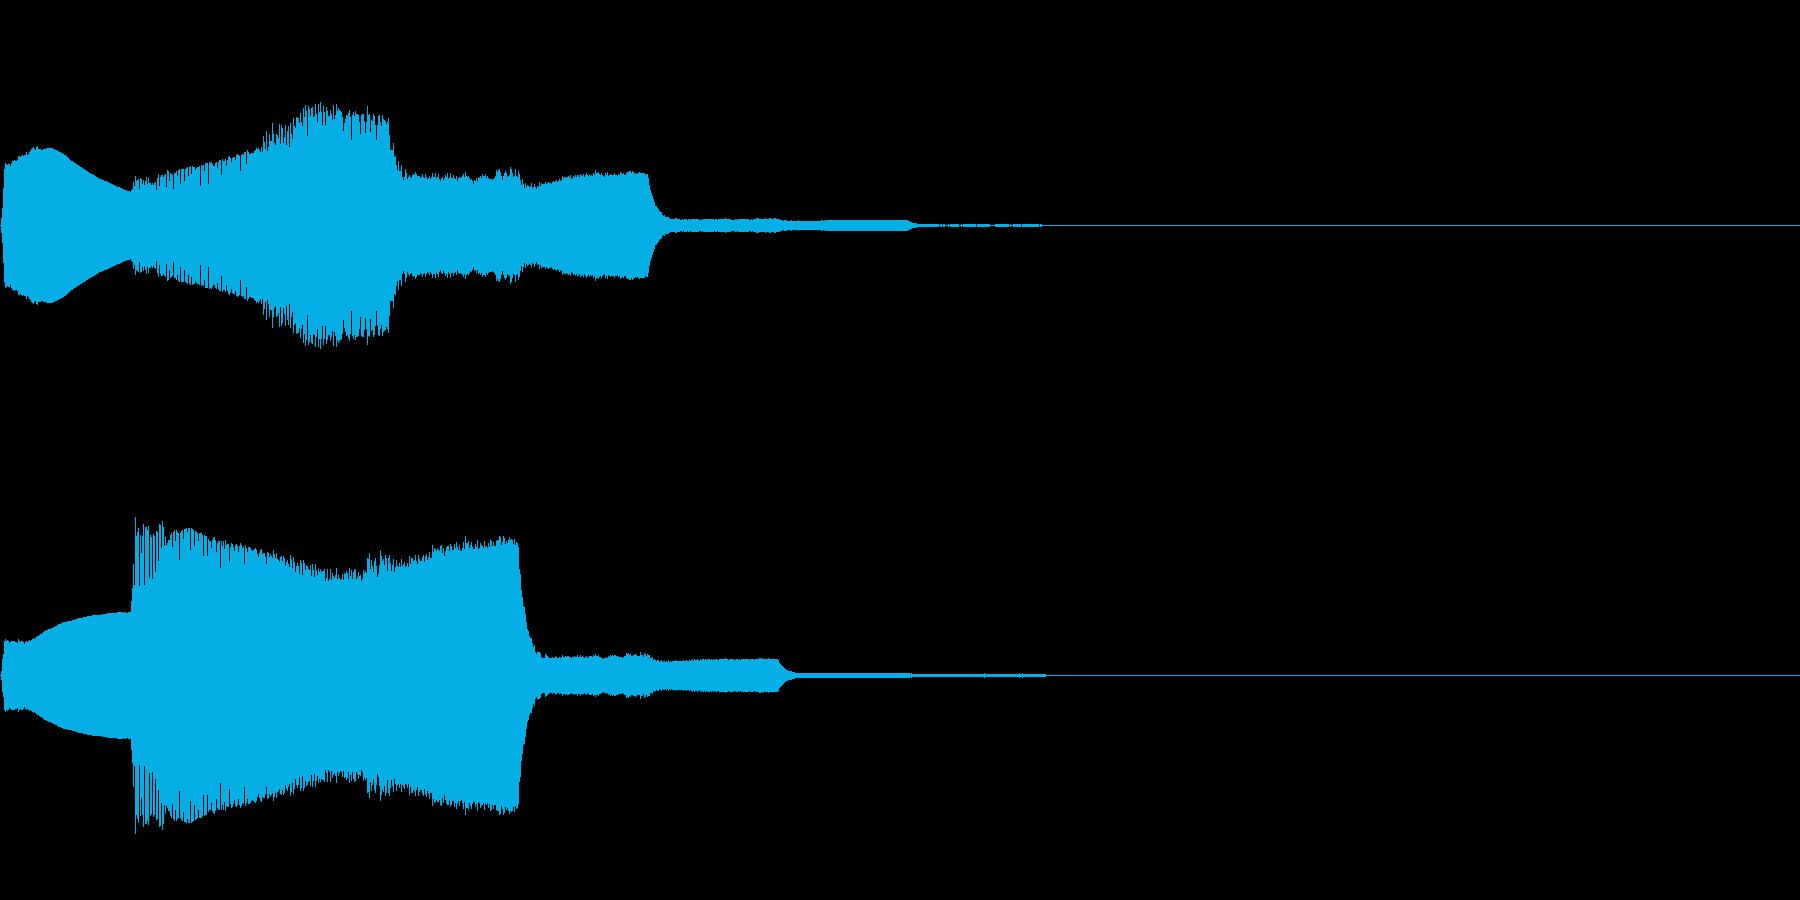 パワーアップ音02の再生済みの波形